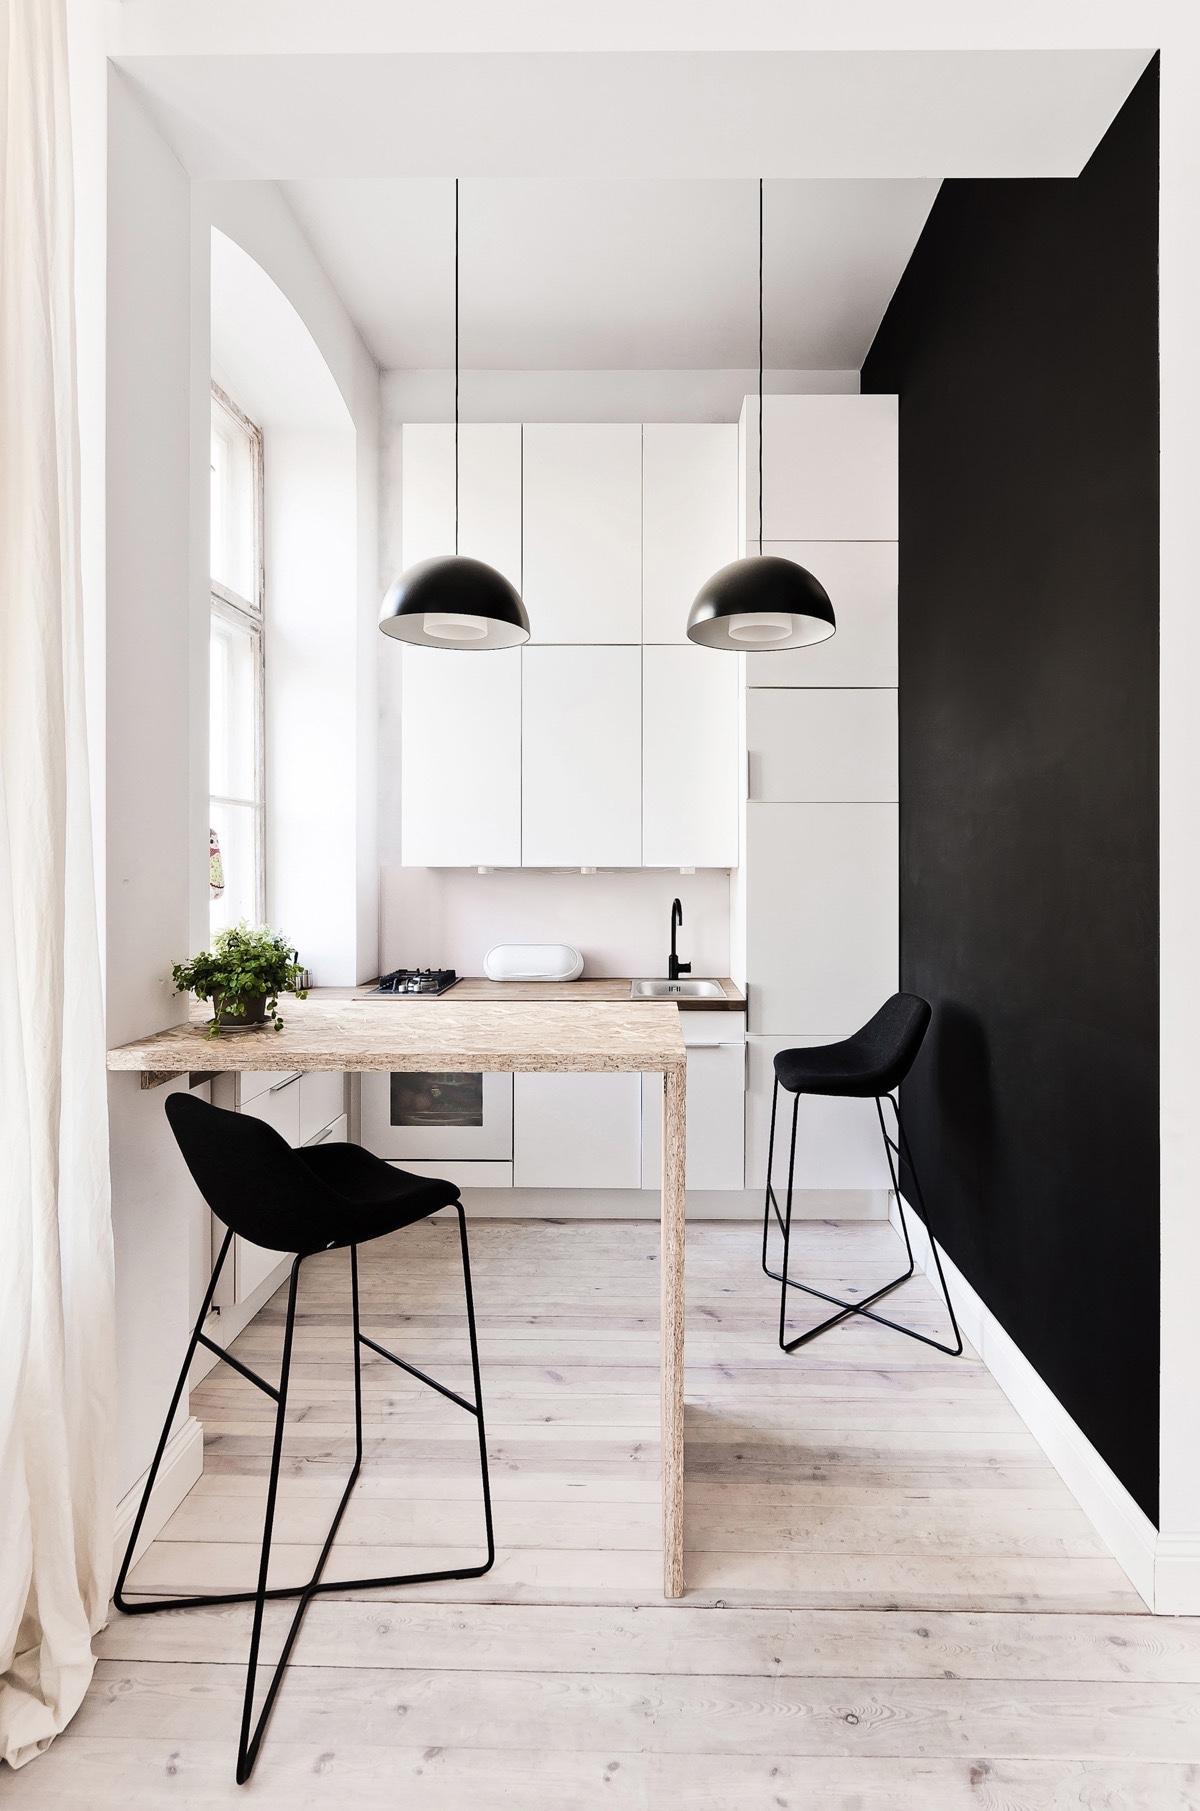 23 mẫu phòng bếp tối giản với tone màu trắng chủ đạo sẽ khiến bạn không thể không yêu - Ảnh 18.